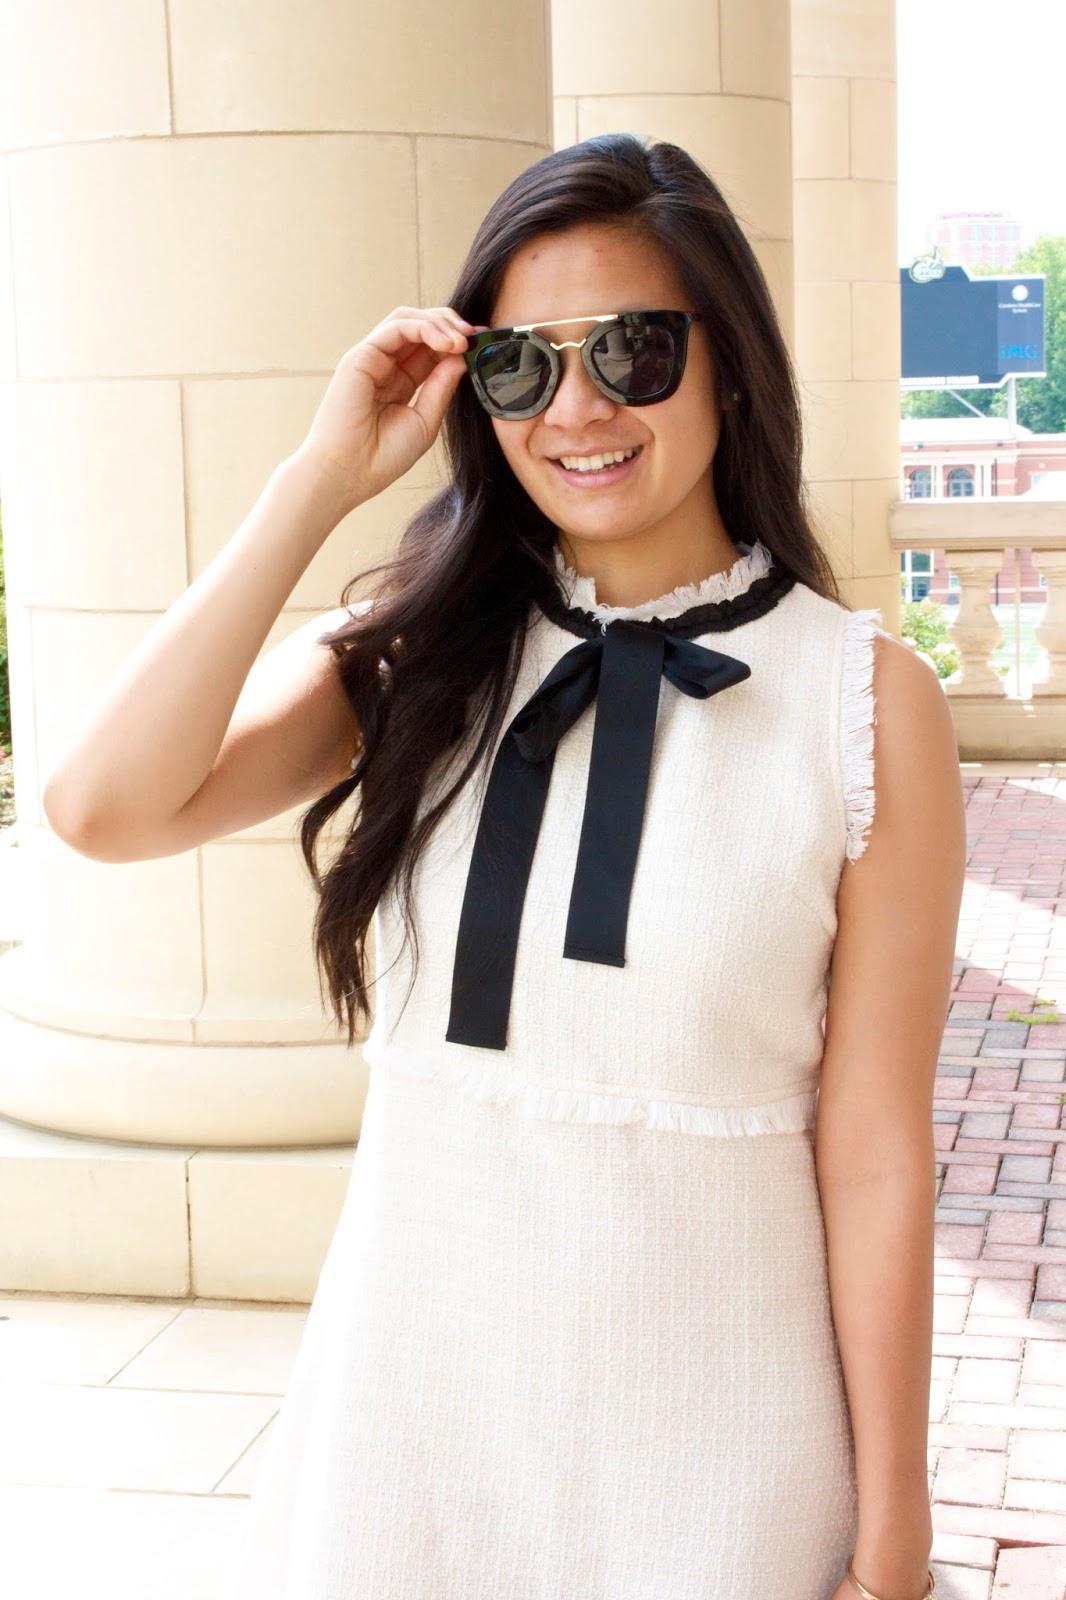 Gossip Girl inspired dress